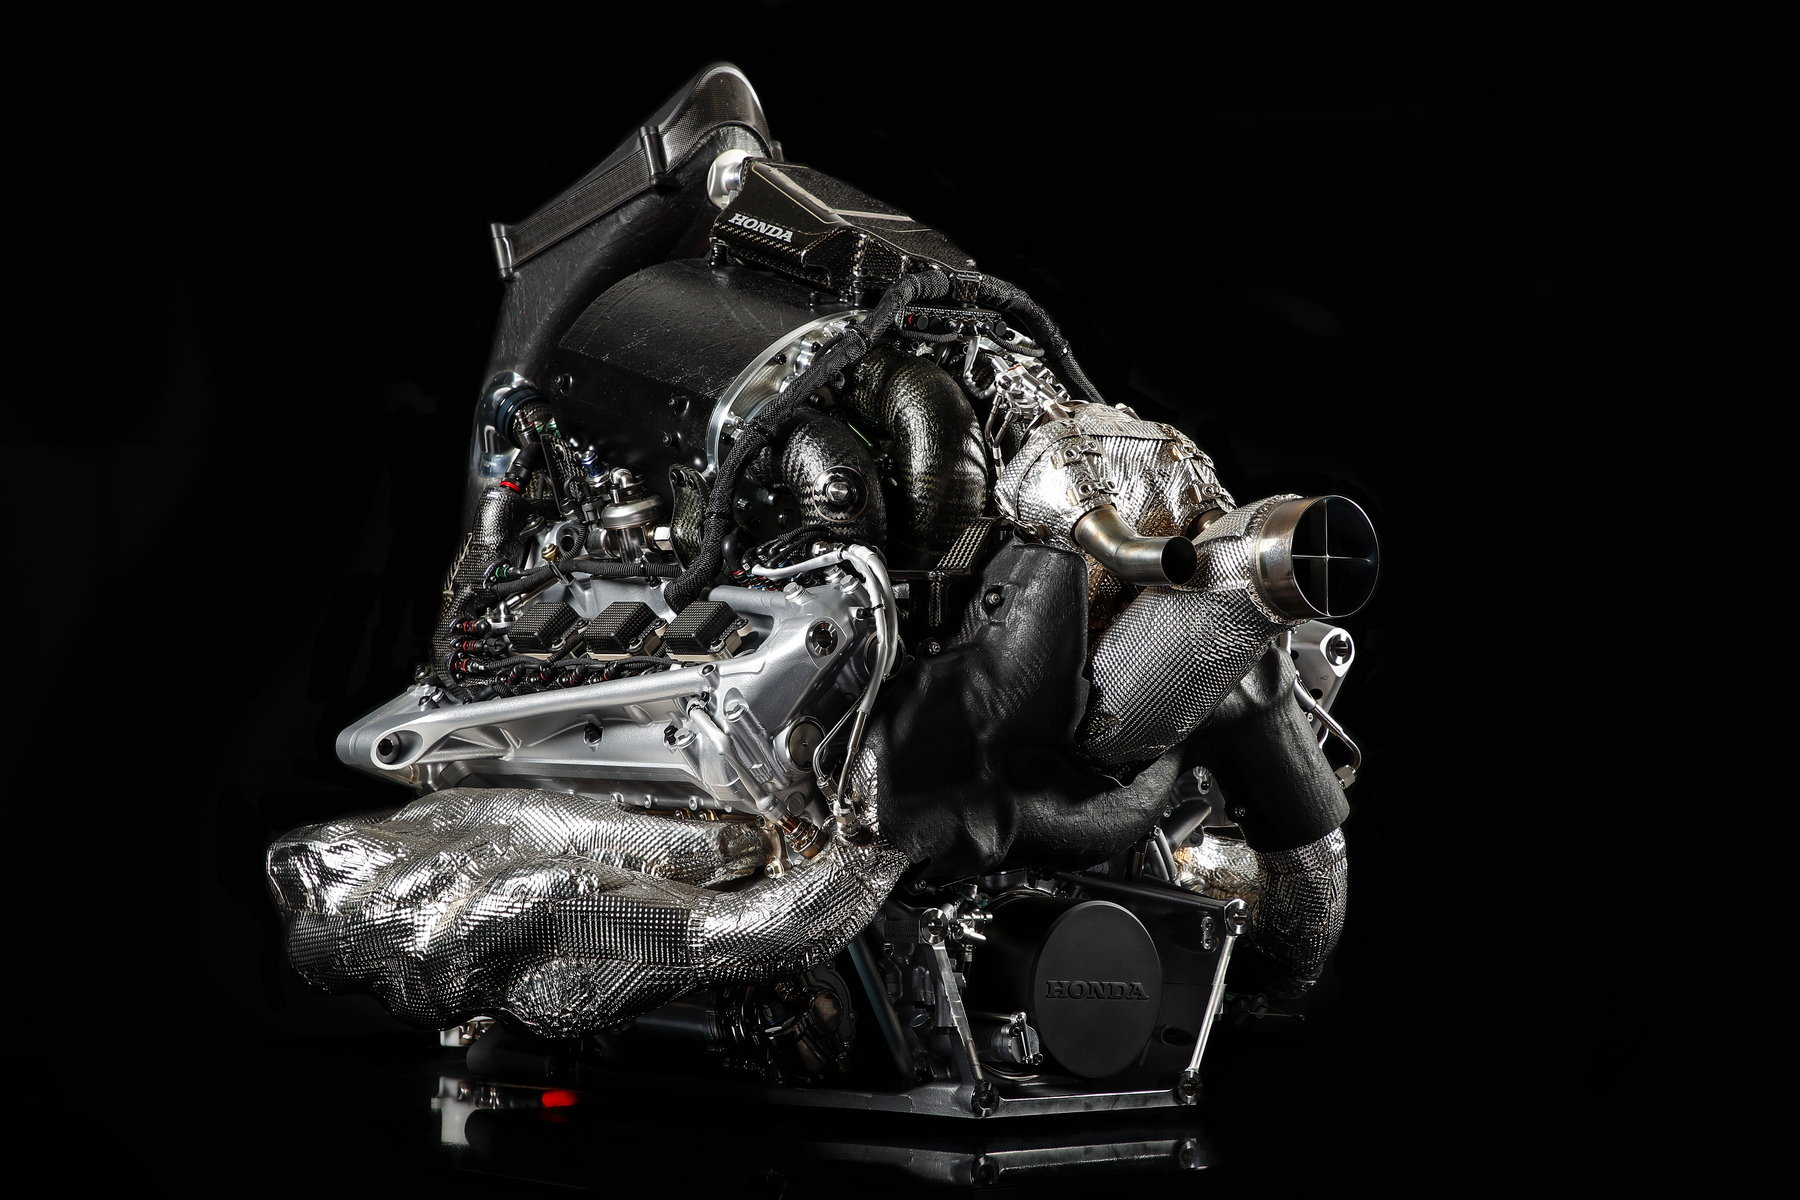 S pohonnou jednotkou Hondy panovala u McLarenu velká nespokojenost